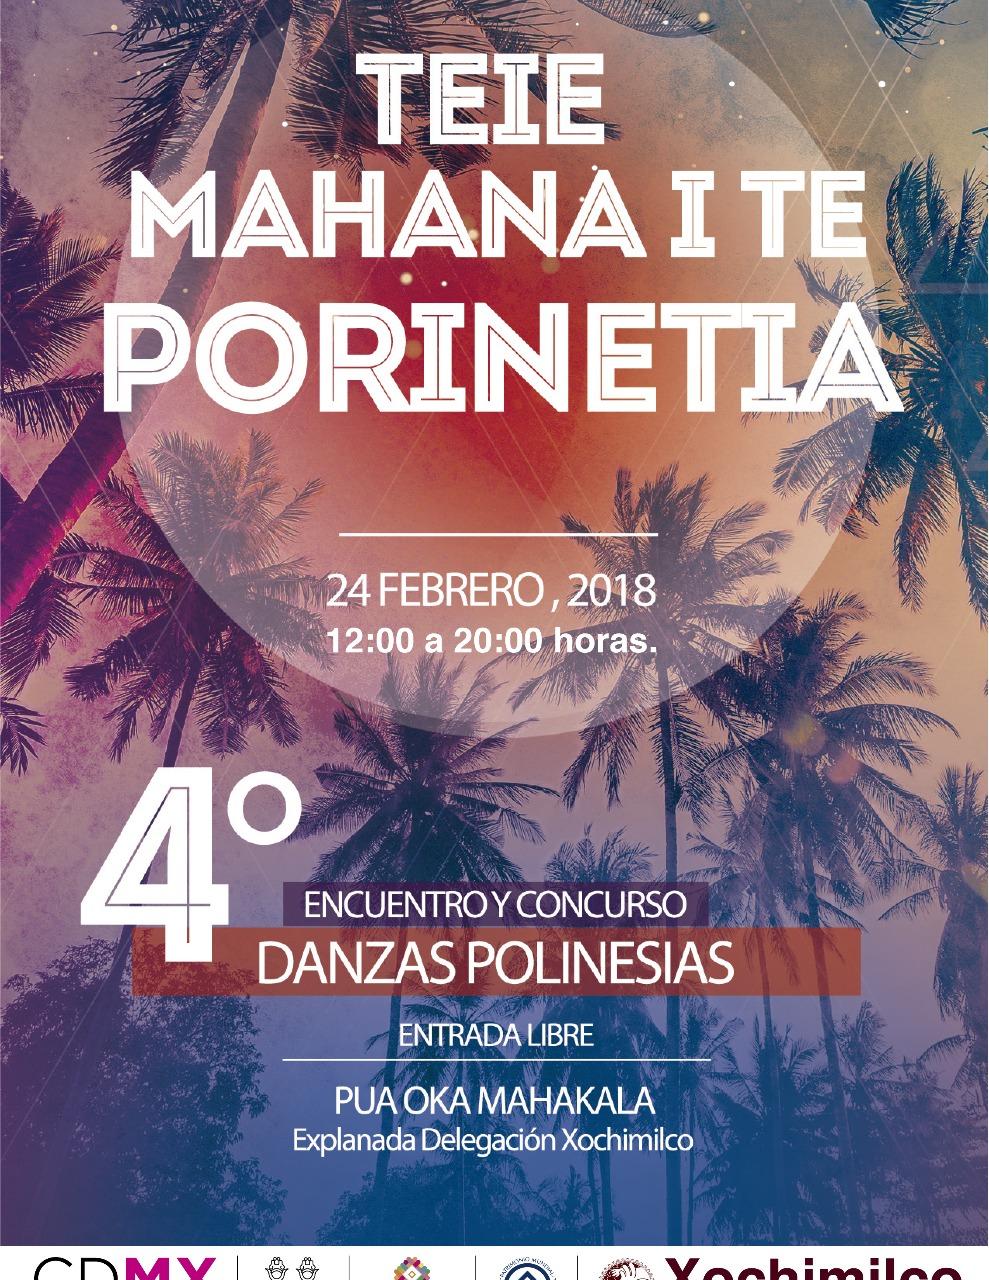 4 ENCUENTRO Y CONCURSO DE DANZA POLINESIAS ESTE FIN DE SEMANA EN XOCHIMILCO